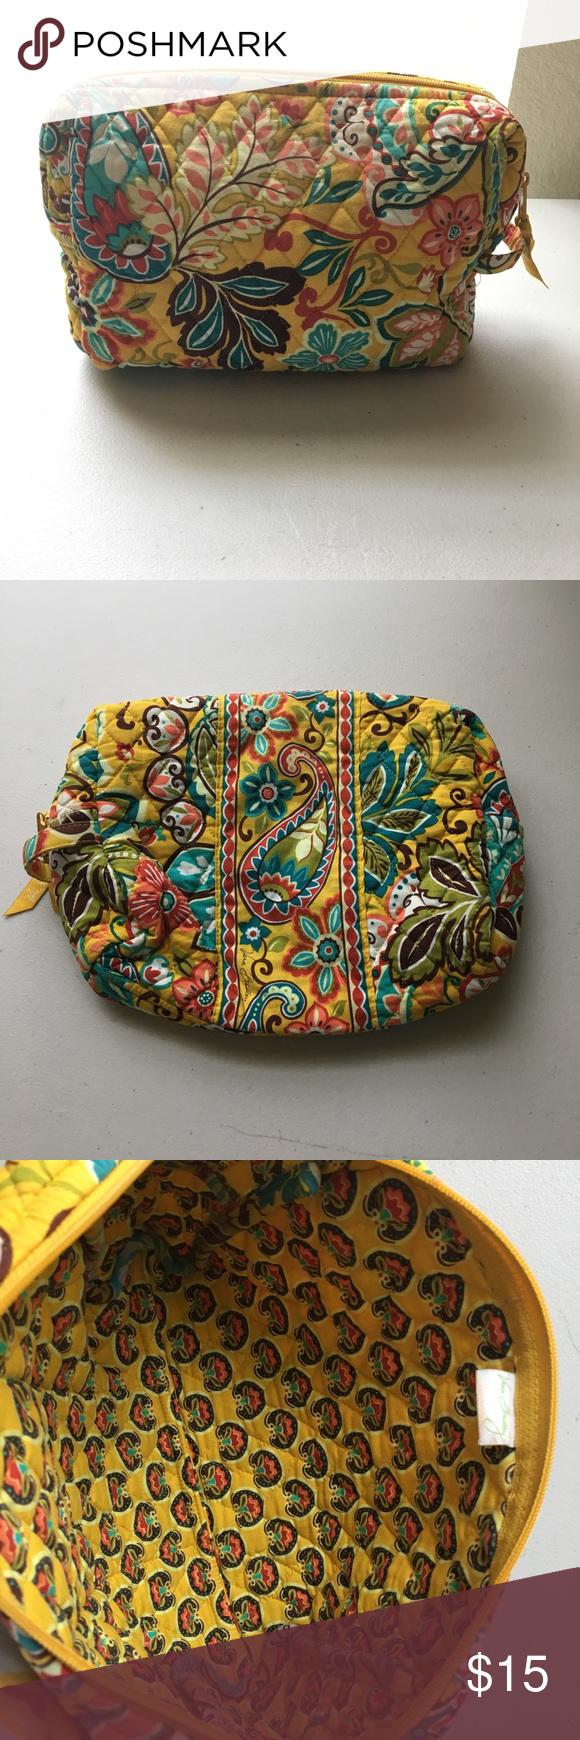 Vera Bradley Makeup Bag Super cute Bag for cosmetics color